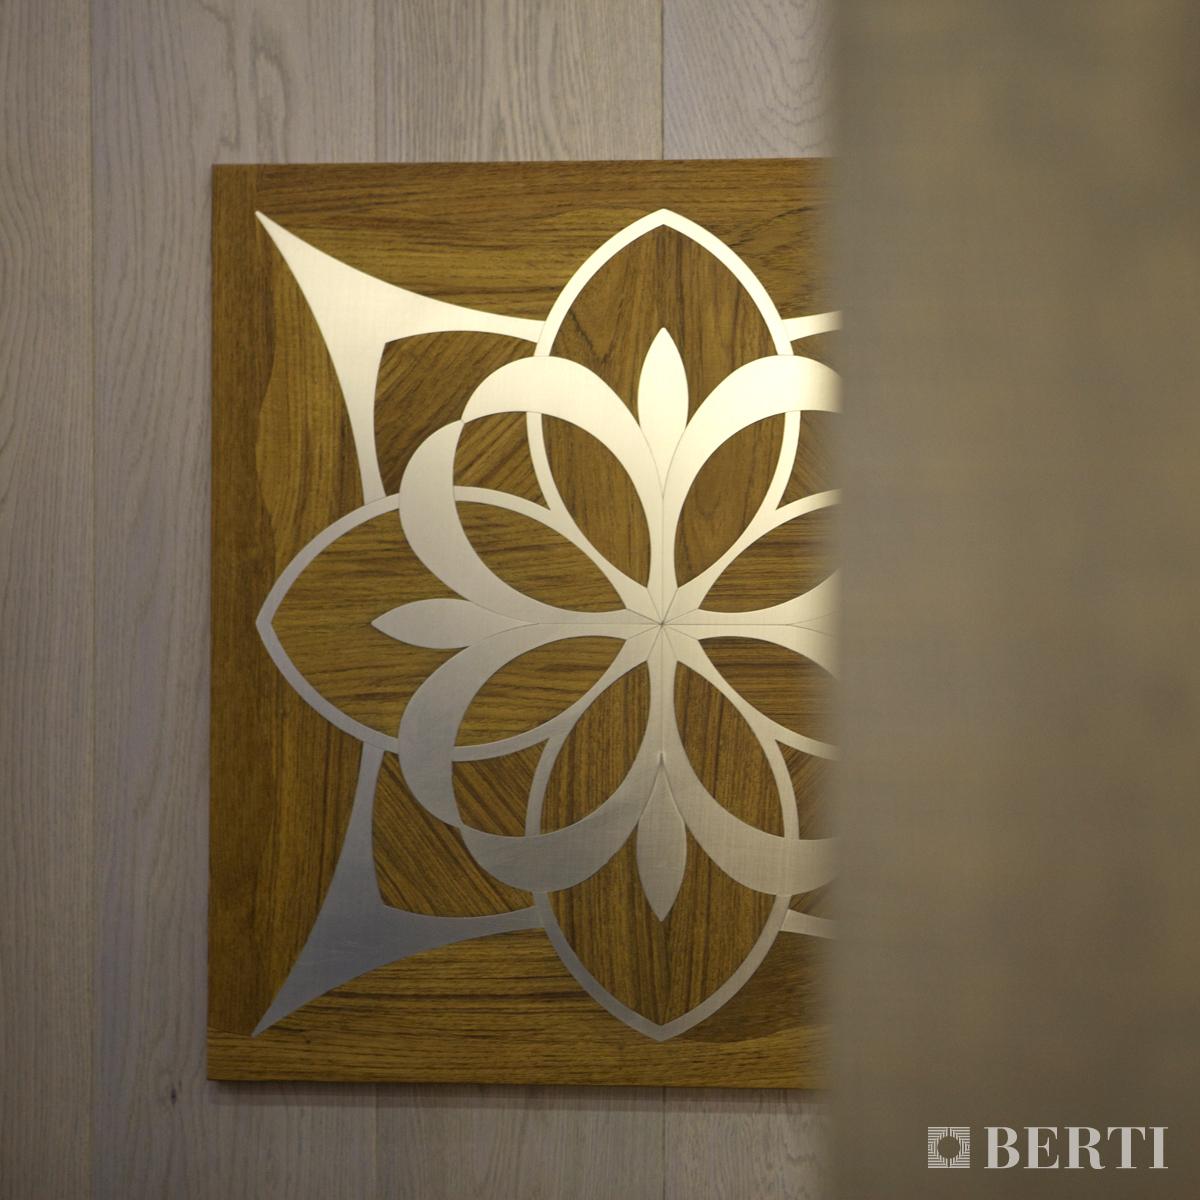 Berti at project lebanon 2013 berti pavimenti in legno for Berti parquet